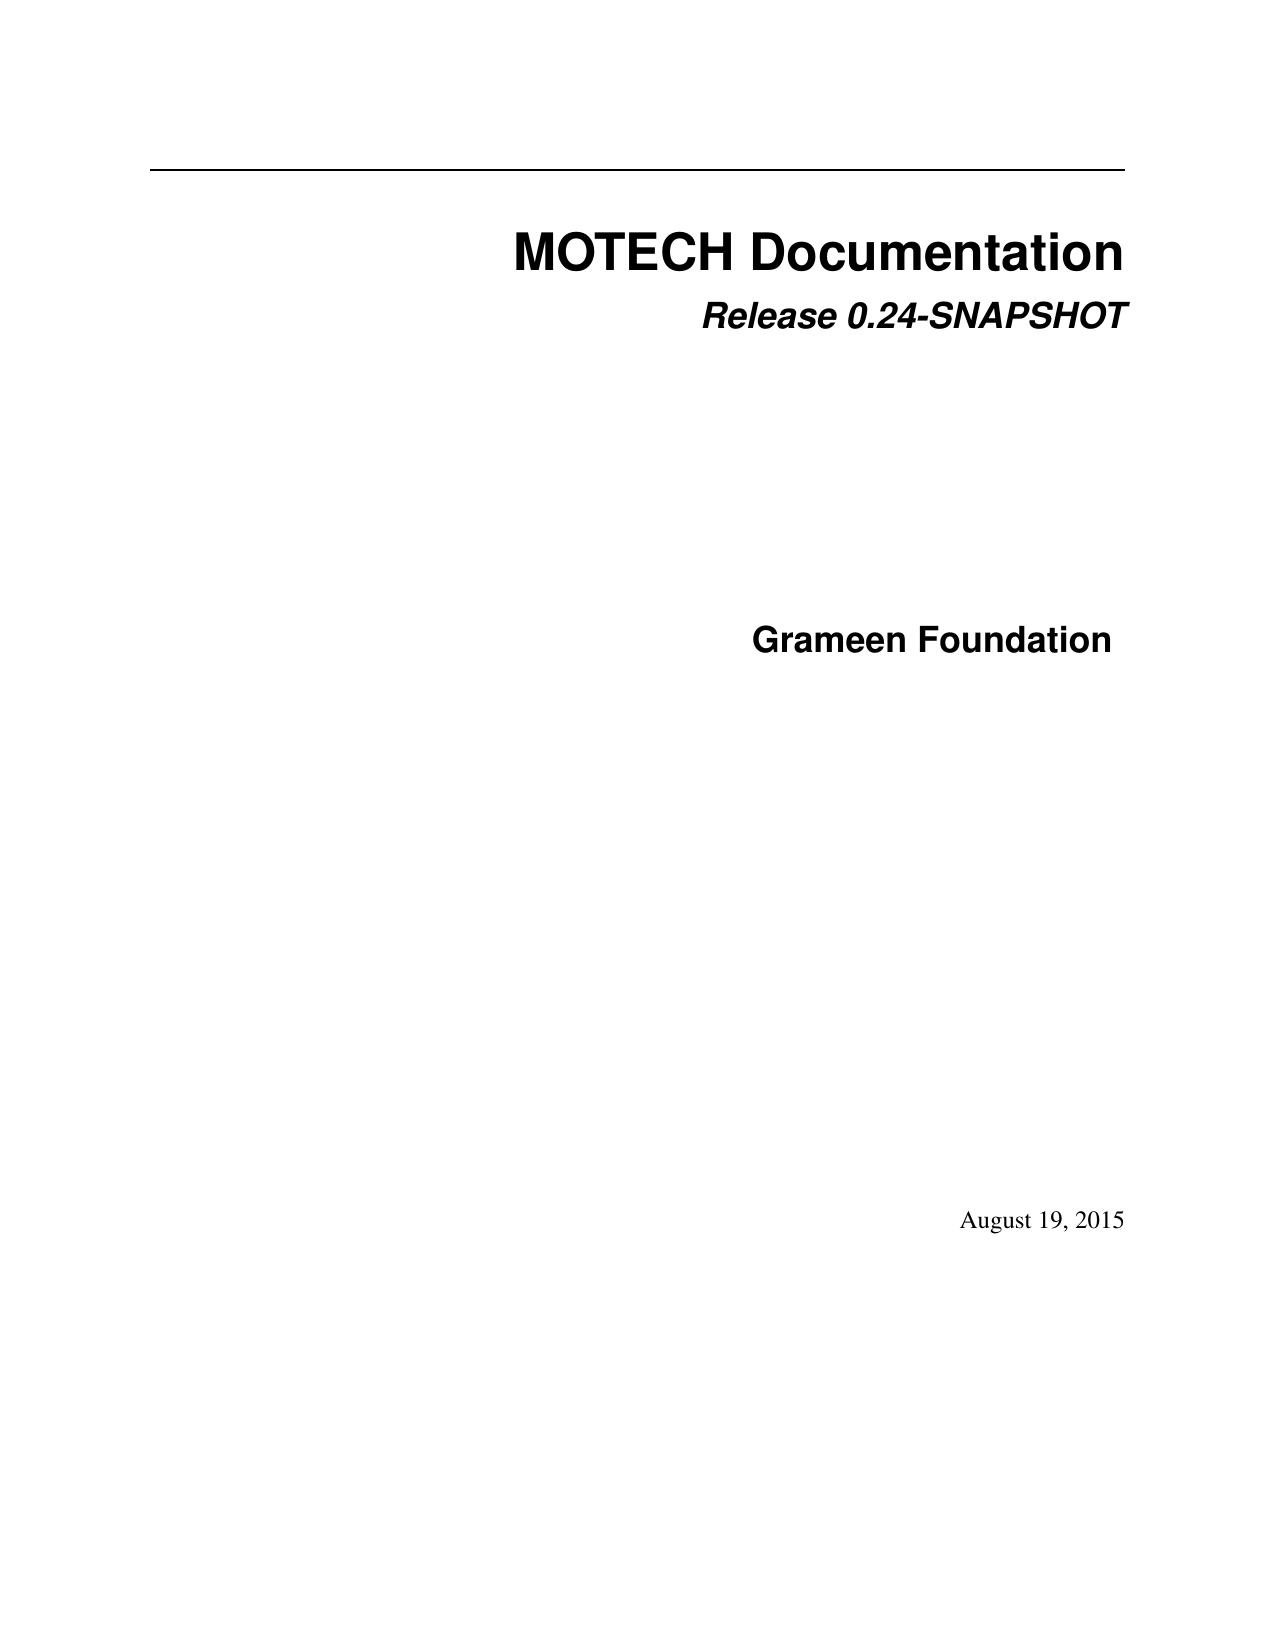 MOTECH Documentation | manualzz com